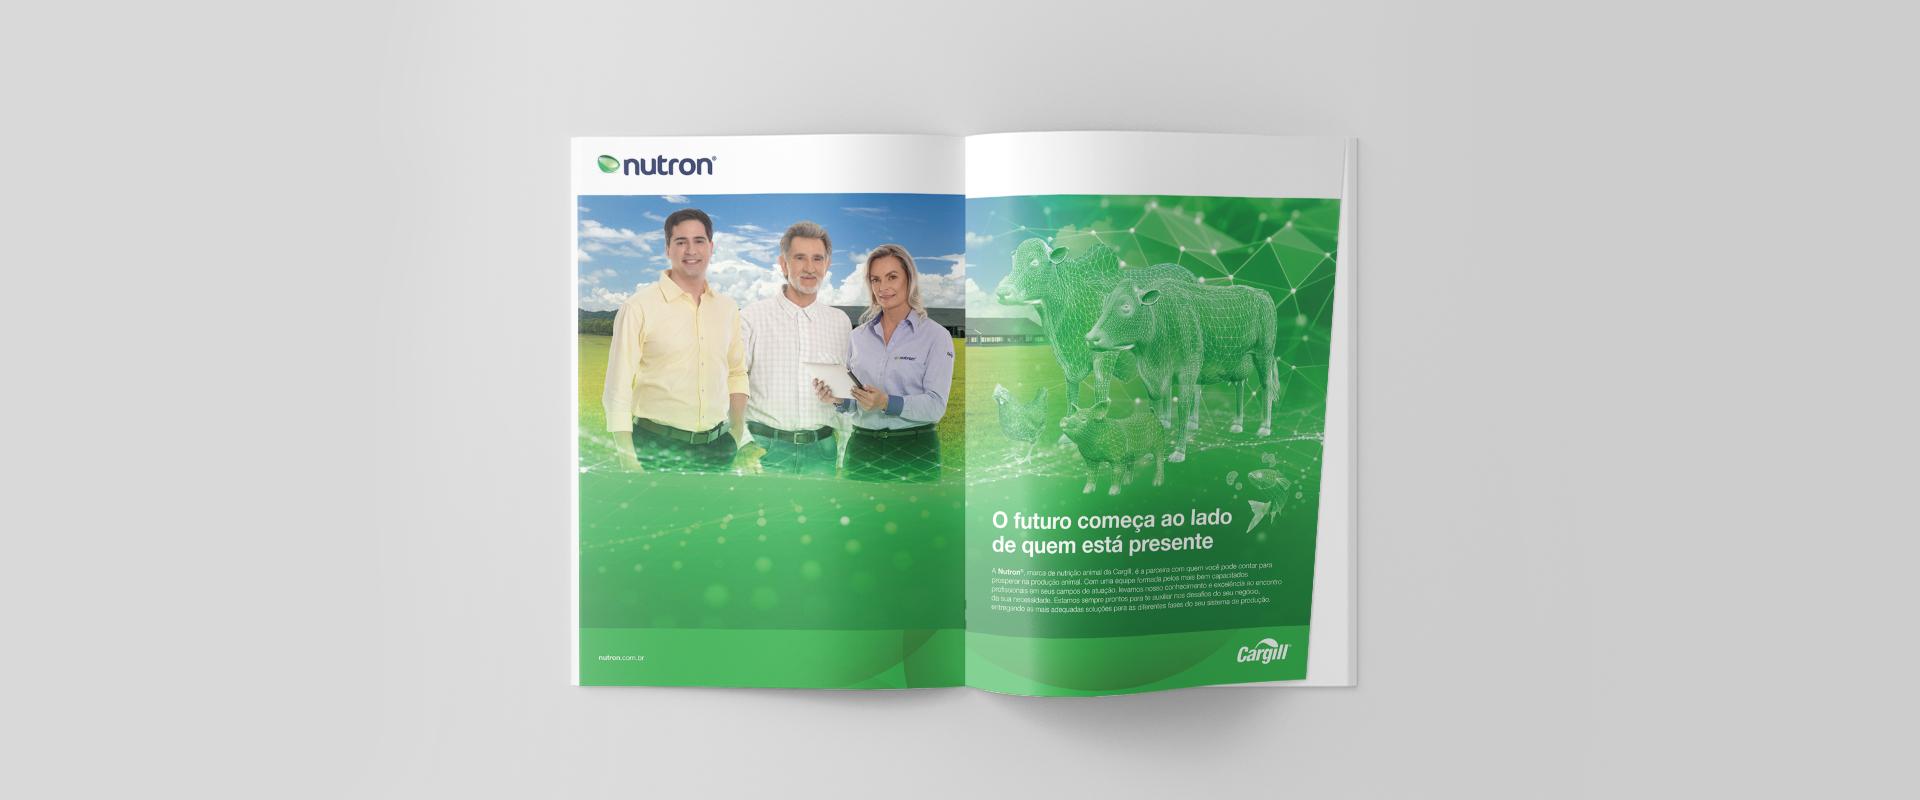 Campanha institucional da Nutron criada pela Impulsa reforça posicionamento da marca no mercado